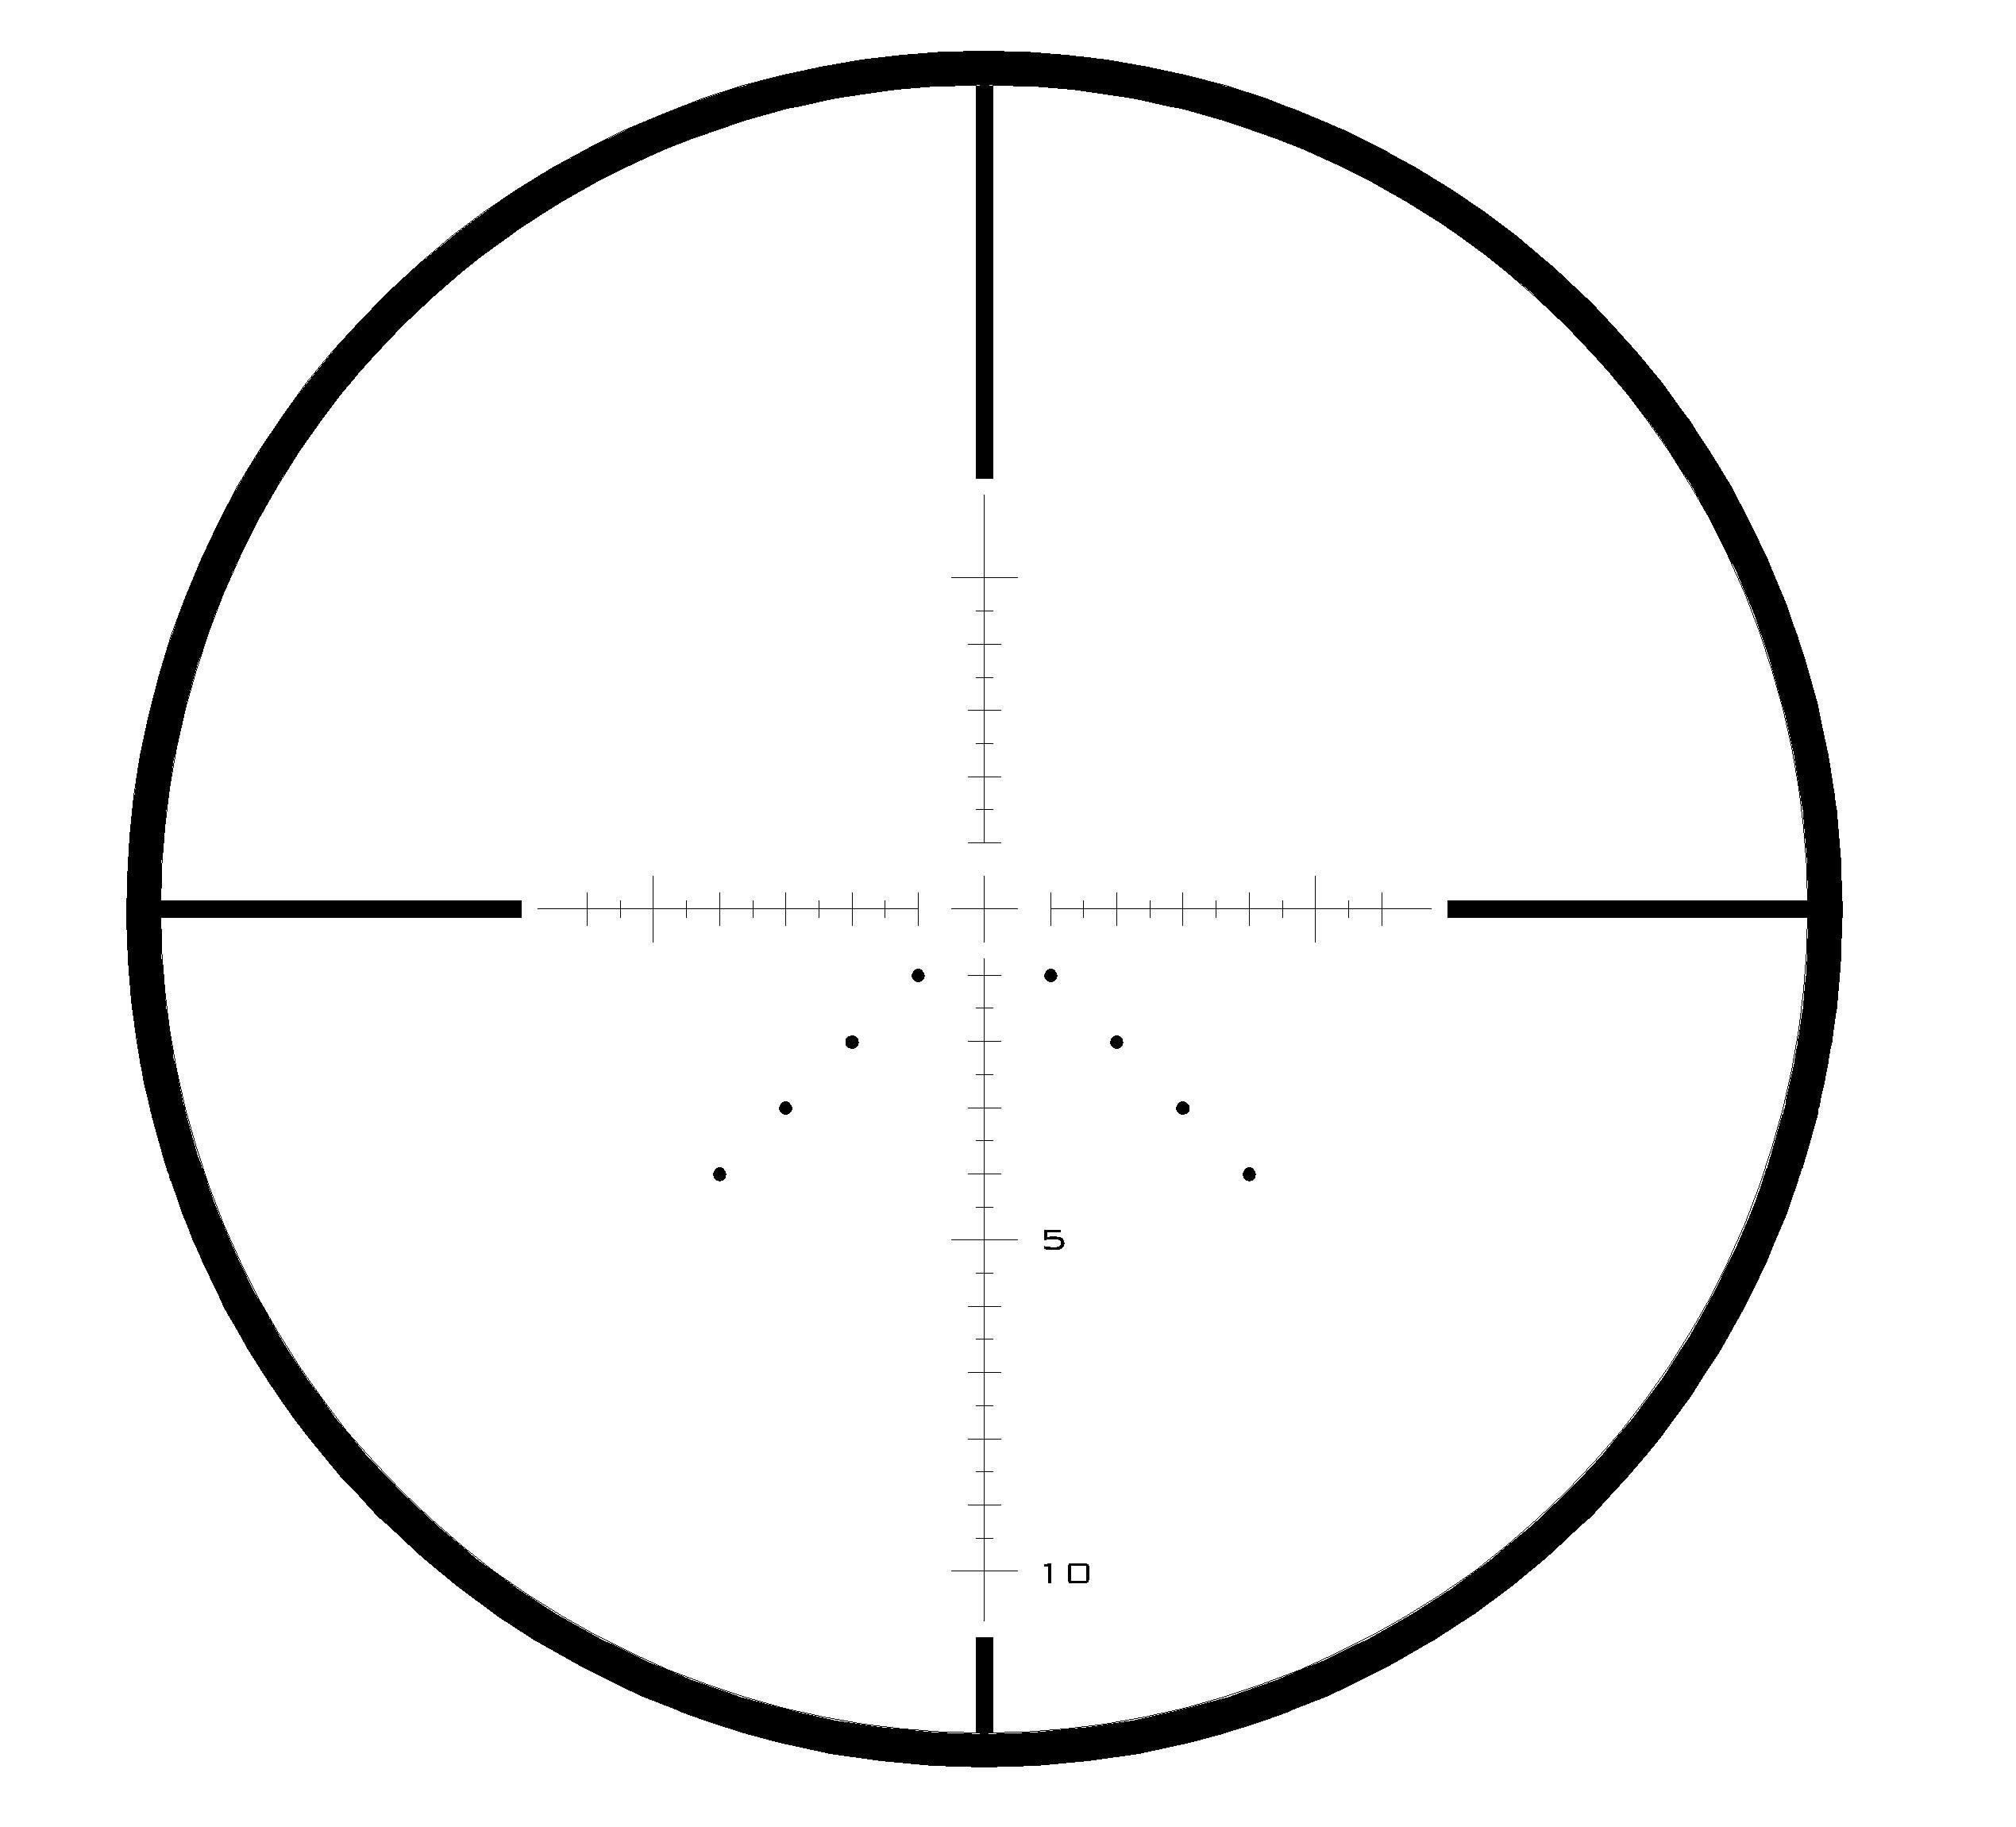 rifle escopo luz de trafego iluminacao sniper tatico visao optica 05